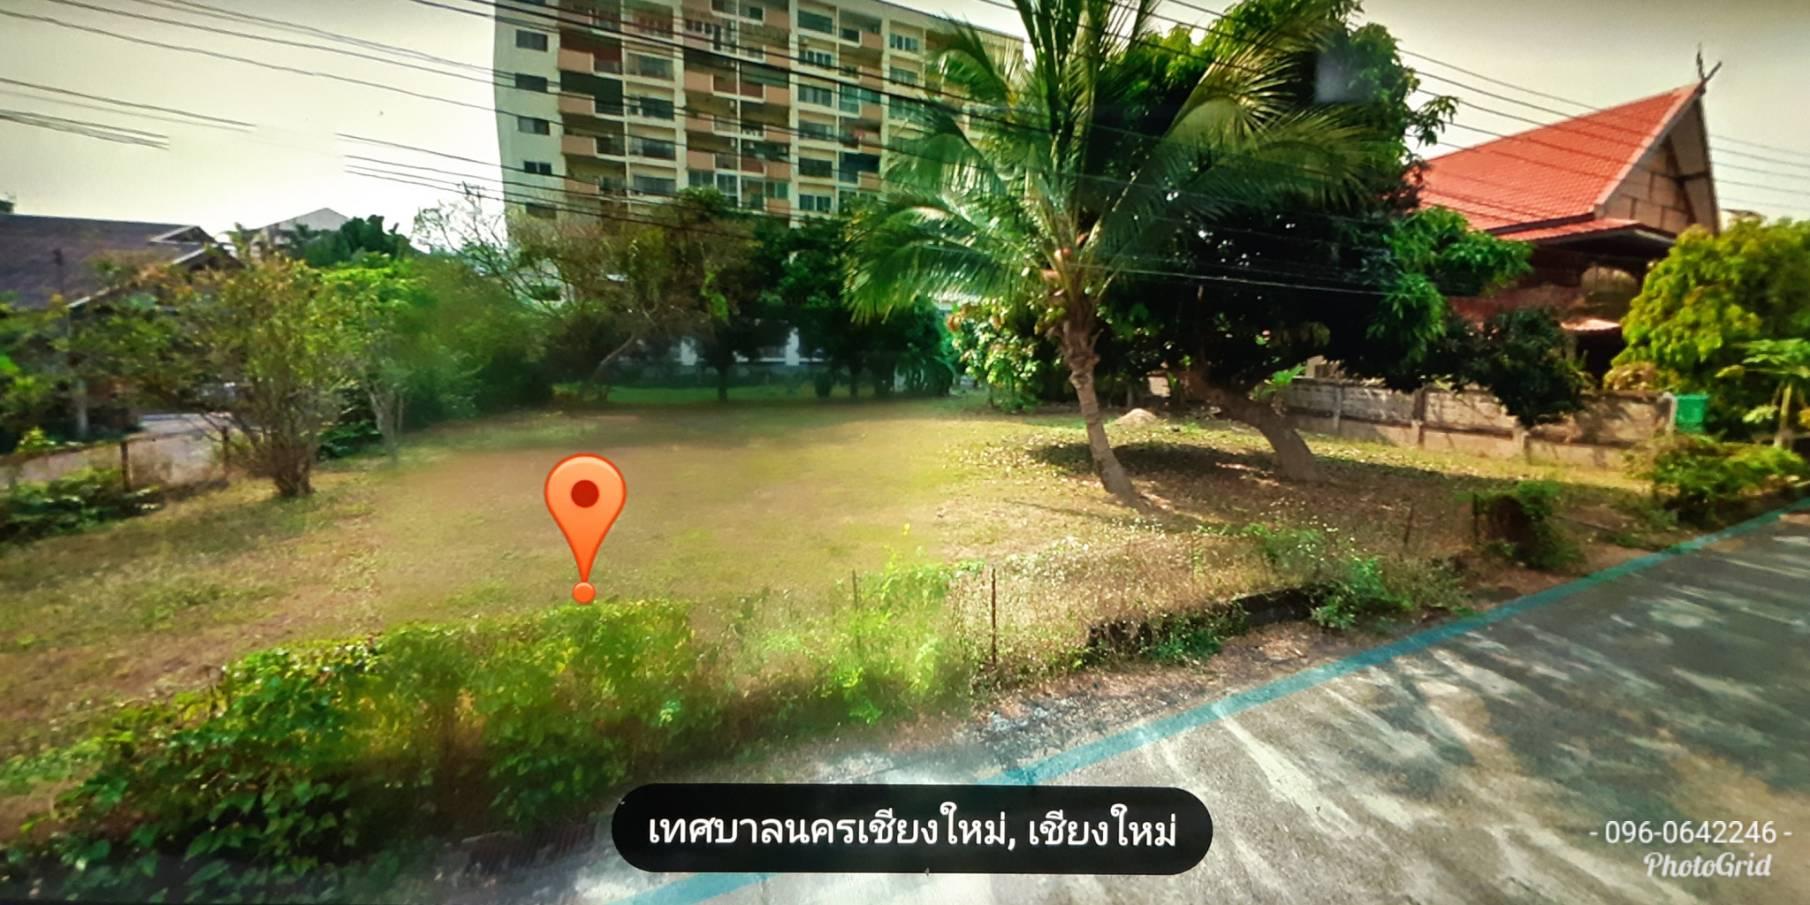 ภาพขายที่ดิน แปลงสวย 294 ตรว.หลัง ม.เชียงใหม่  ถนนห้วยแก้ว ซ.3 คลองชลประทาน ใกล้ รร.ภูคำ ,วัดประทานพร